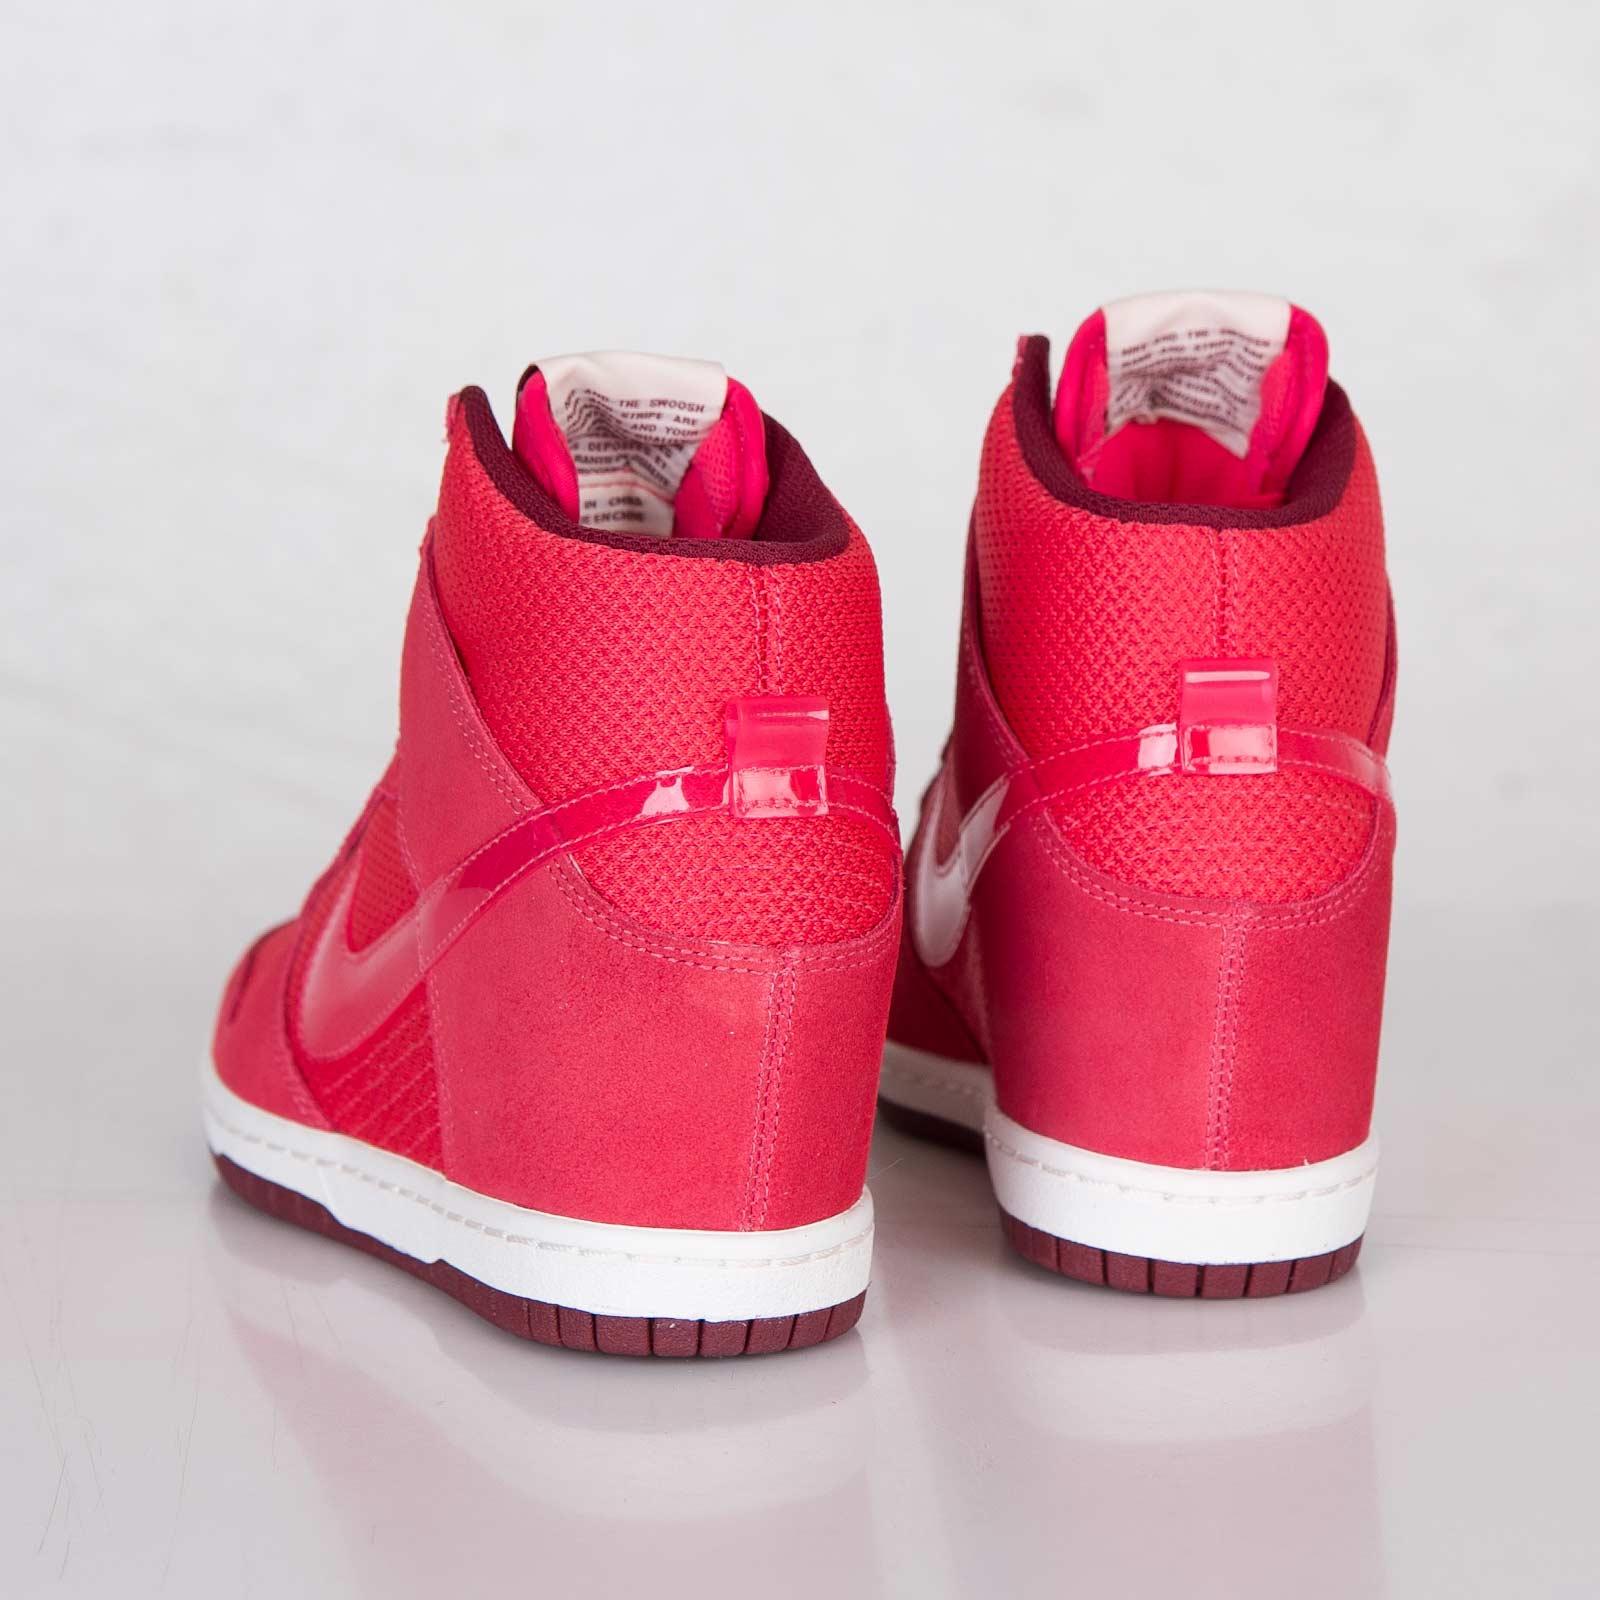 the best attitude 39fc5 f75f6 Nike Wmns Dunk Sky Hi Essential - 644877-600 - Sneakersnstuff   sneakers    streetwear online since 1999